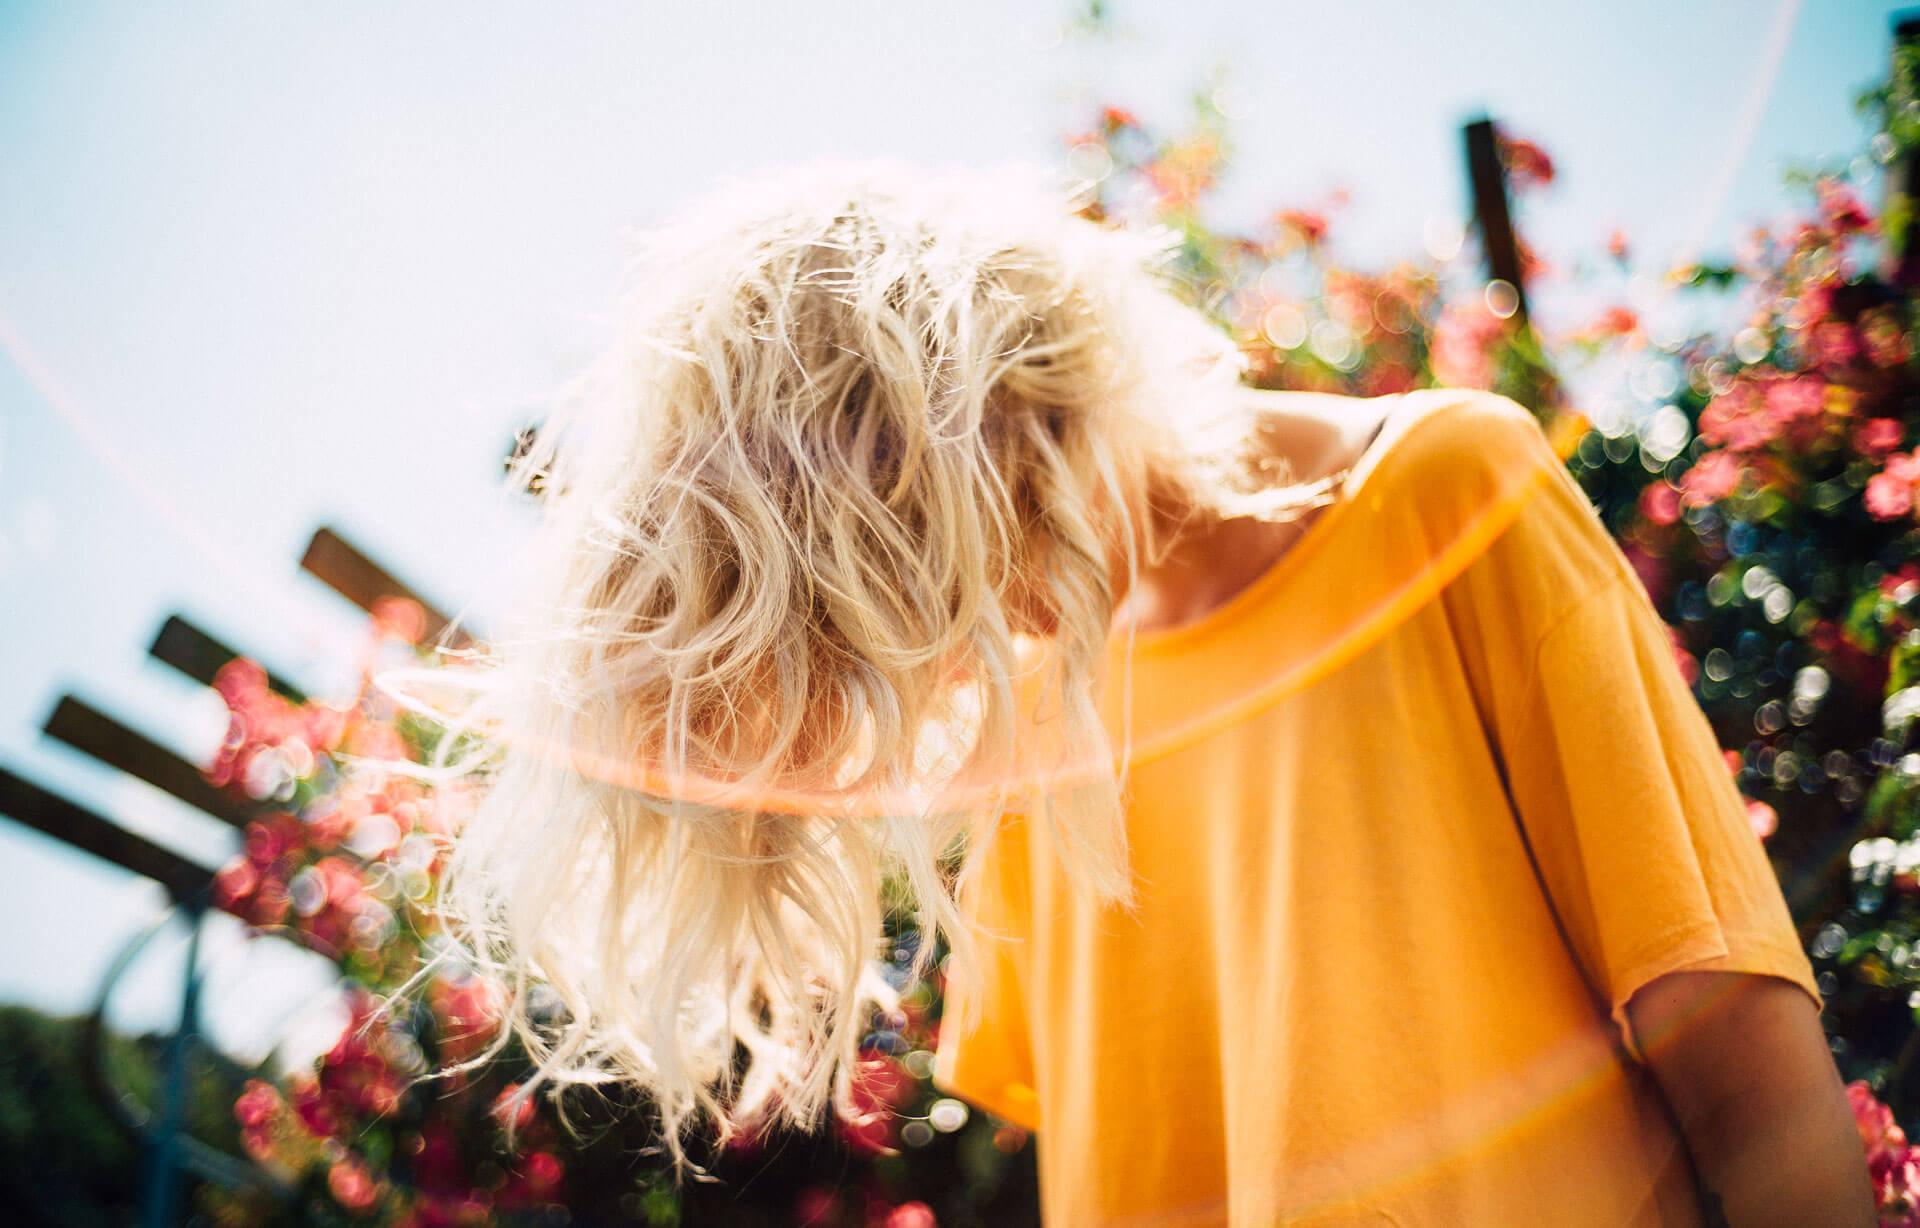 Junge Frau lässt die Haare nach vorne fallen